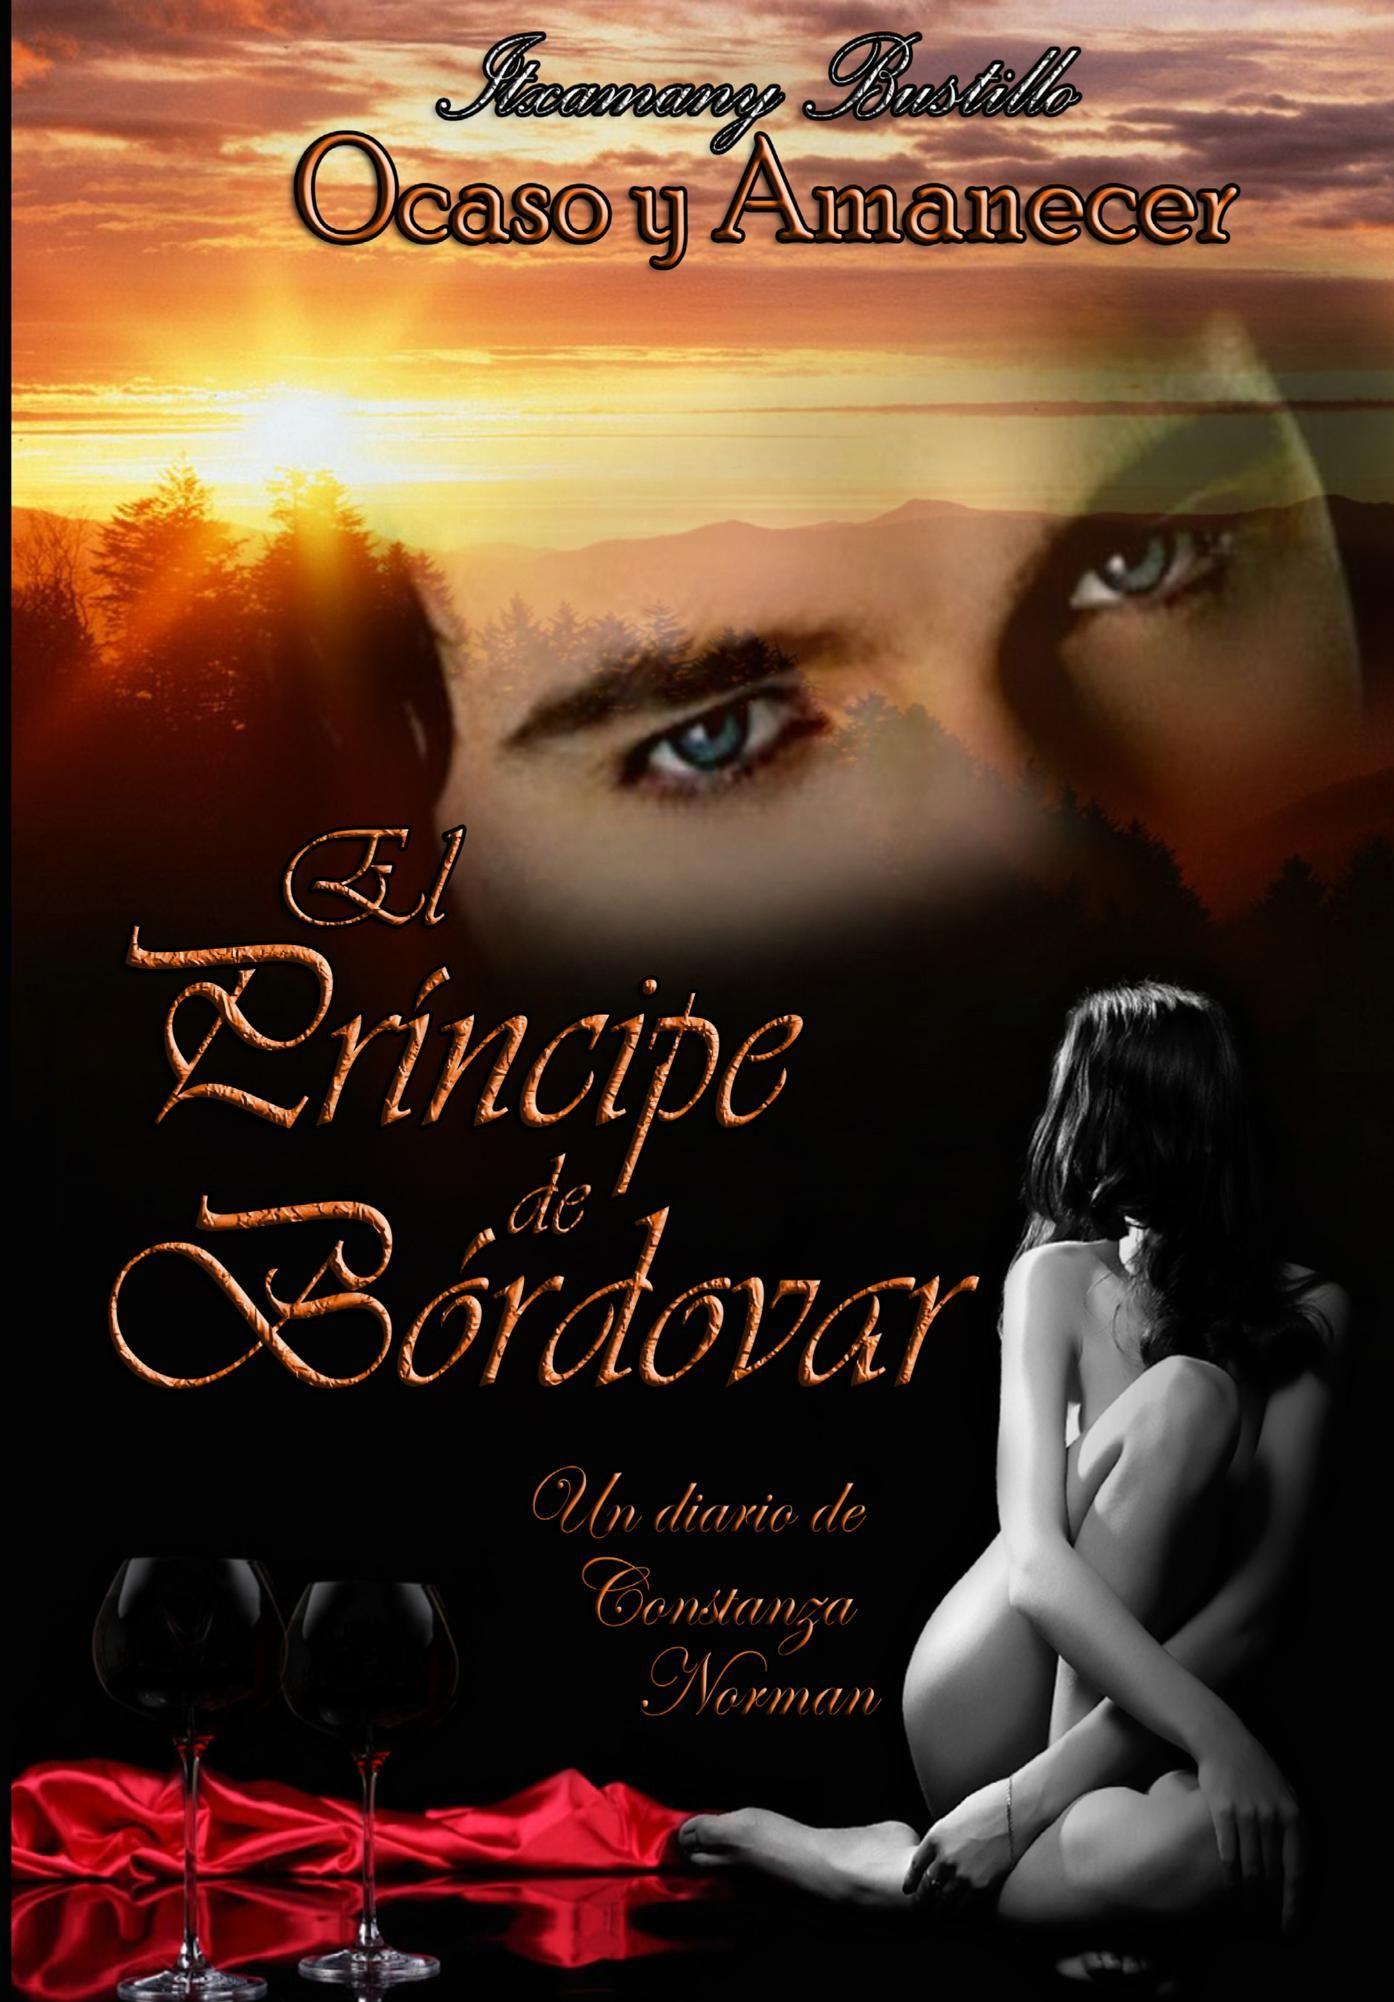 """Portada del libro completo """"El Príncipe de Bórdovar"""" en formato impreso."""